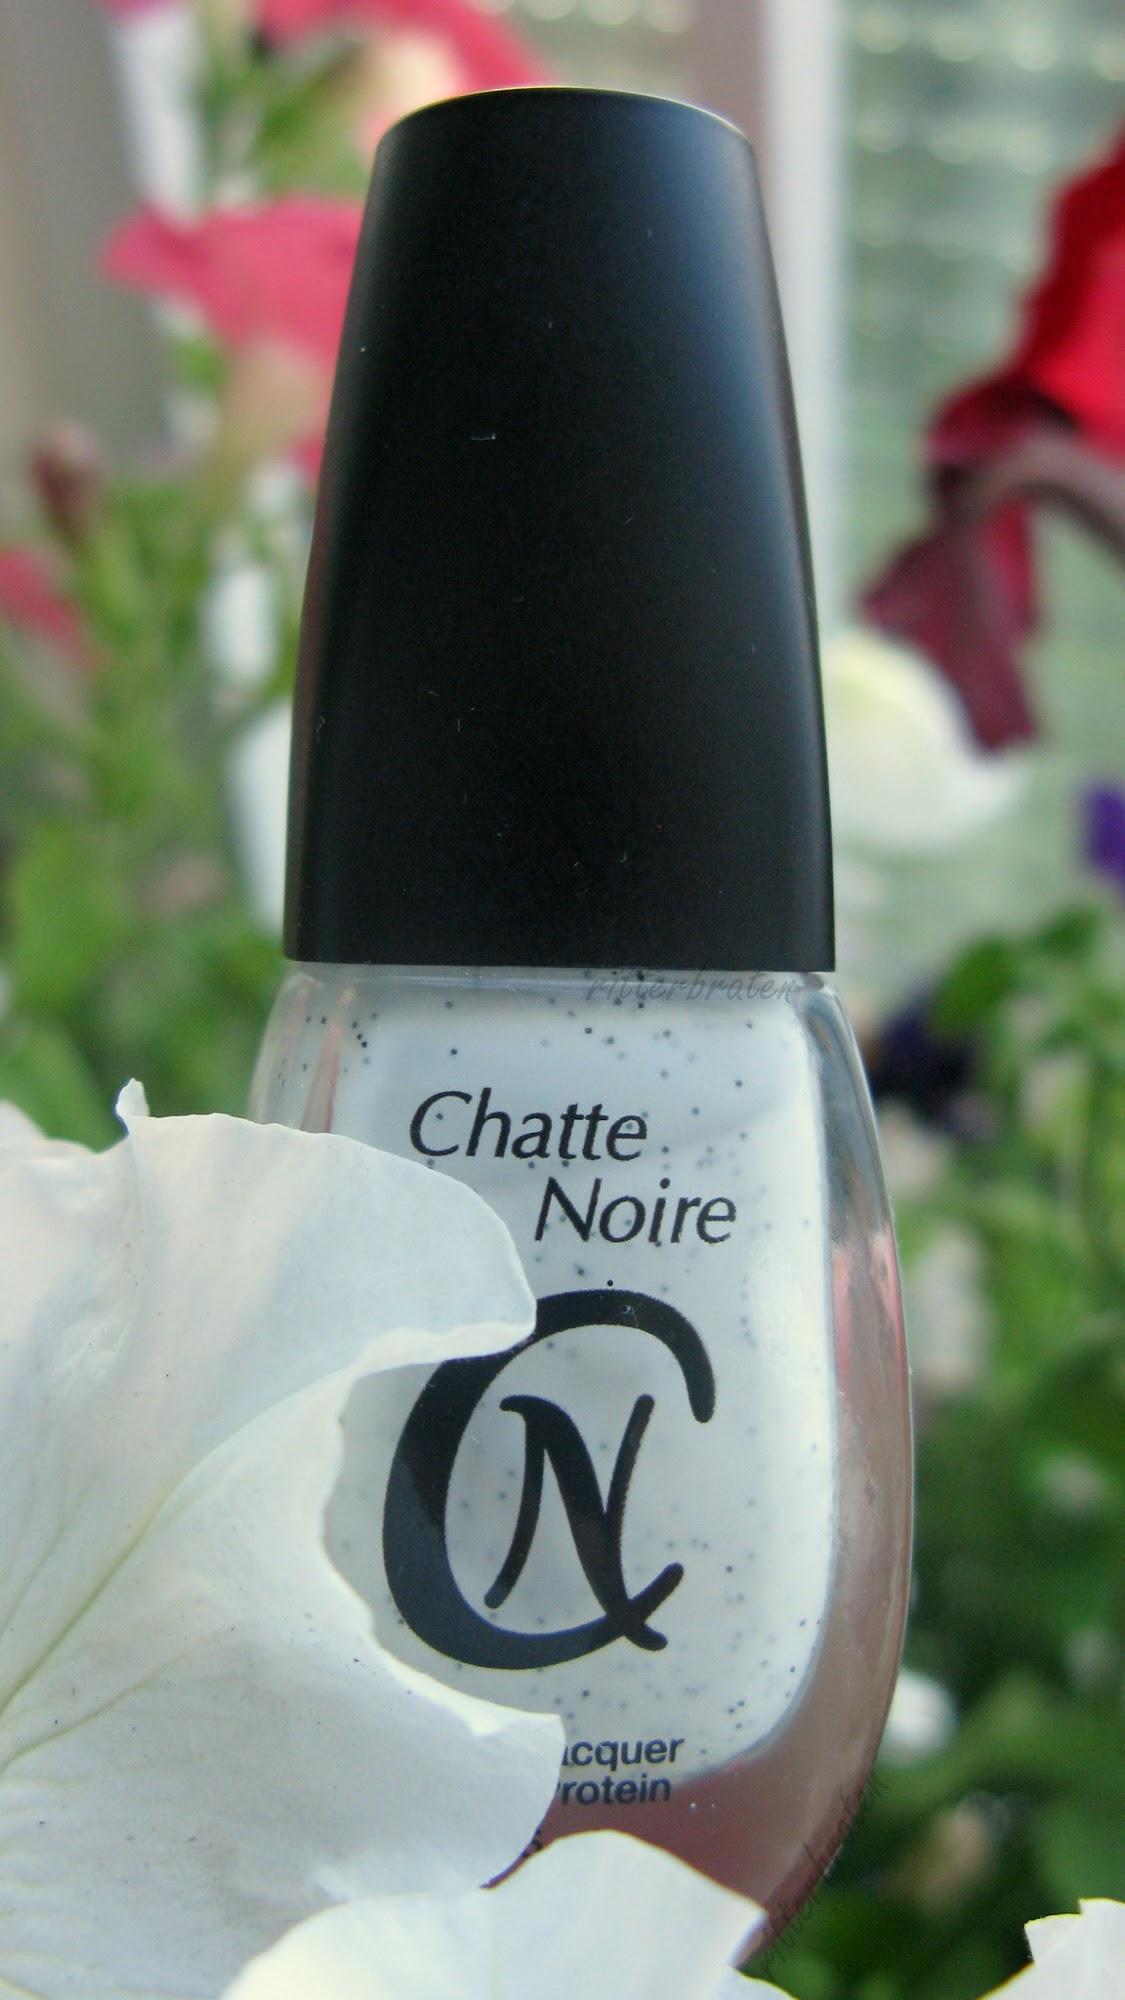 Chatte Noire 519